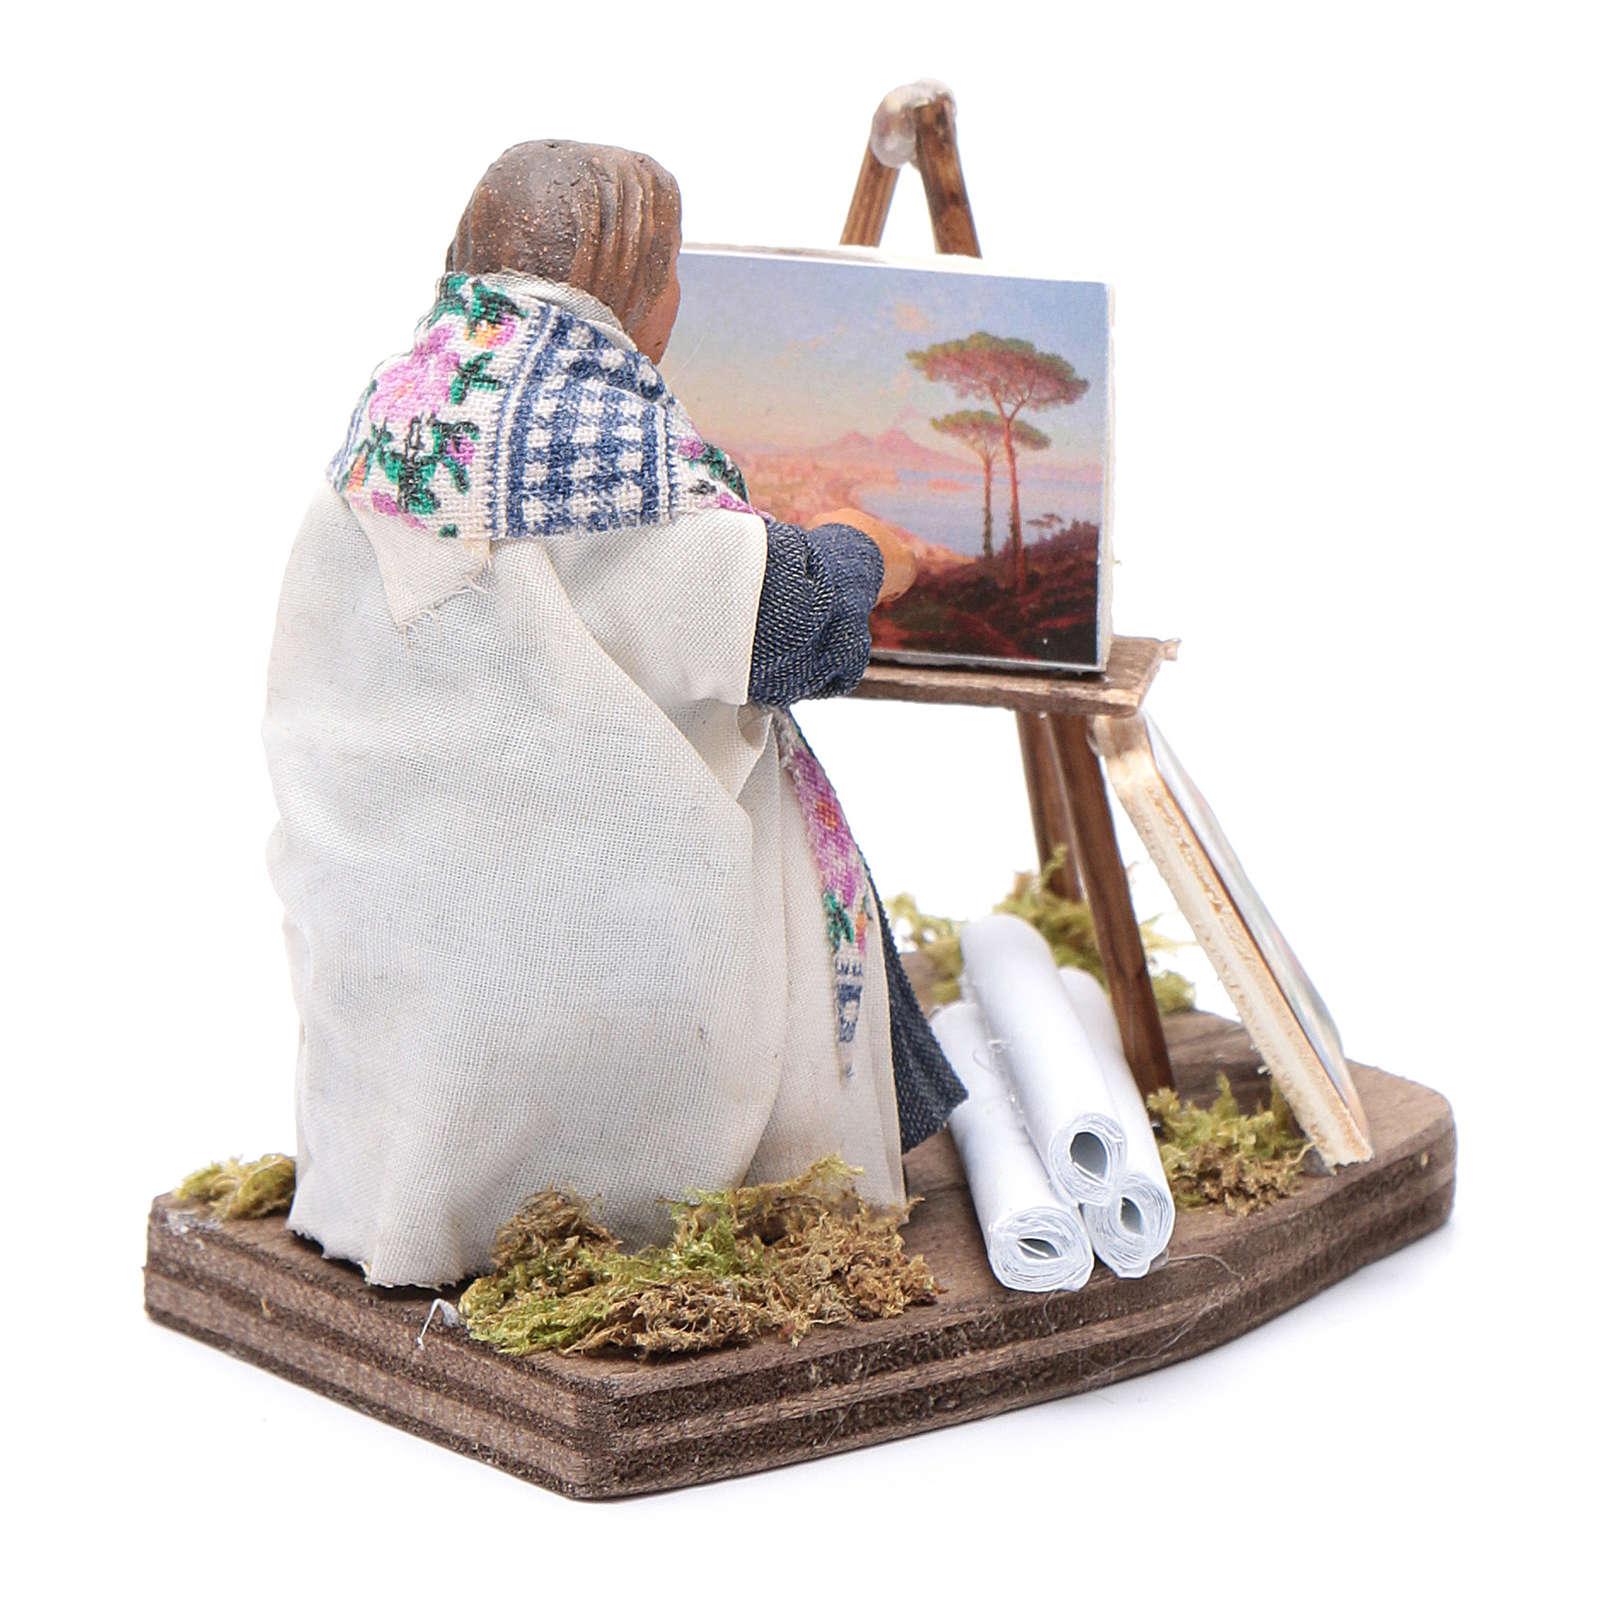 Pintora 10 cm belén Napolitano 4